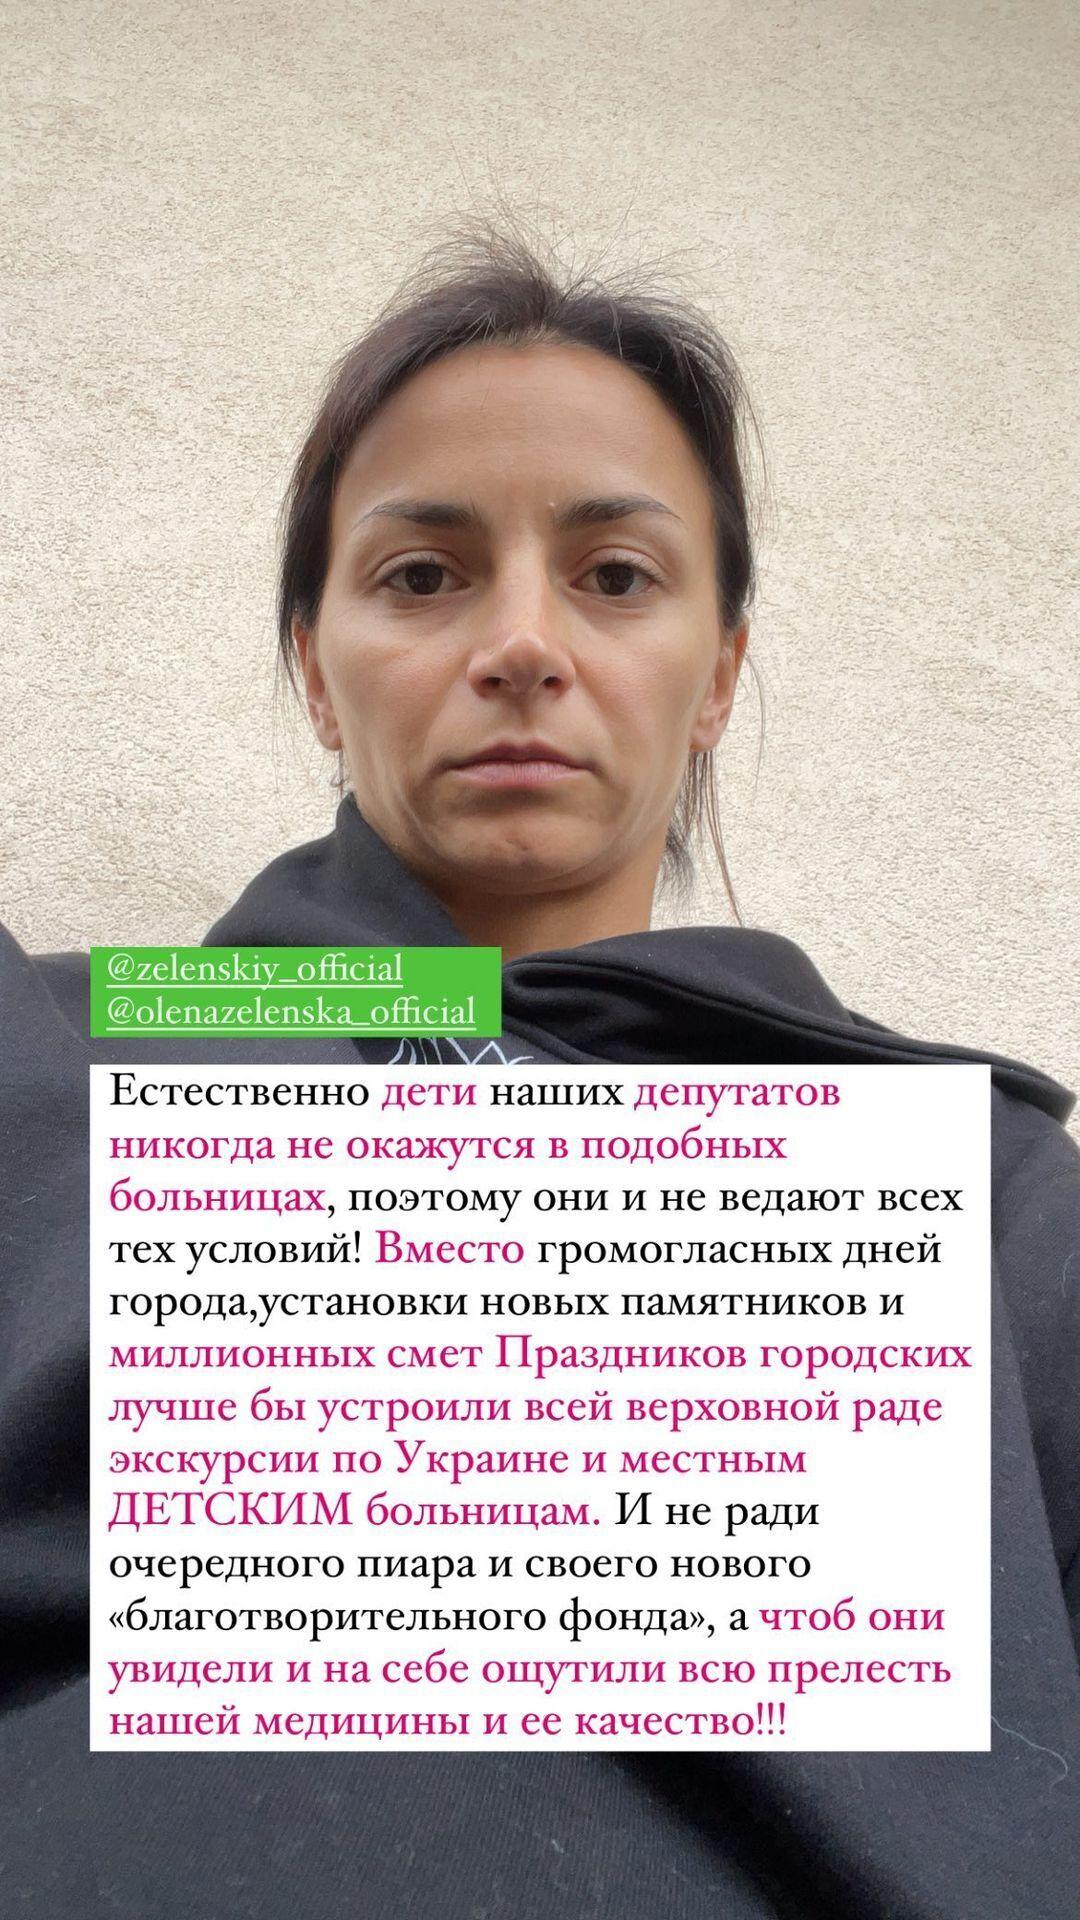 Илона Гвоздева обратилась к Владимиру Зеленскому